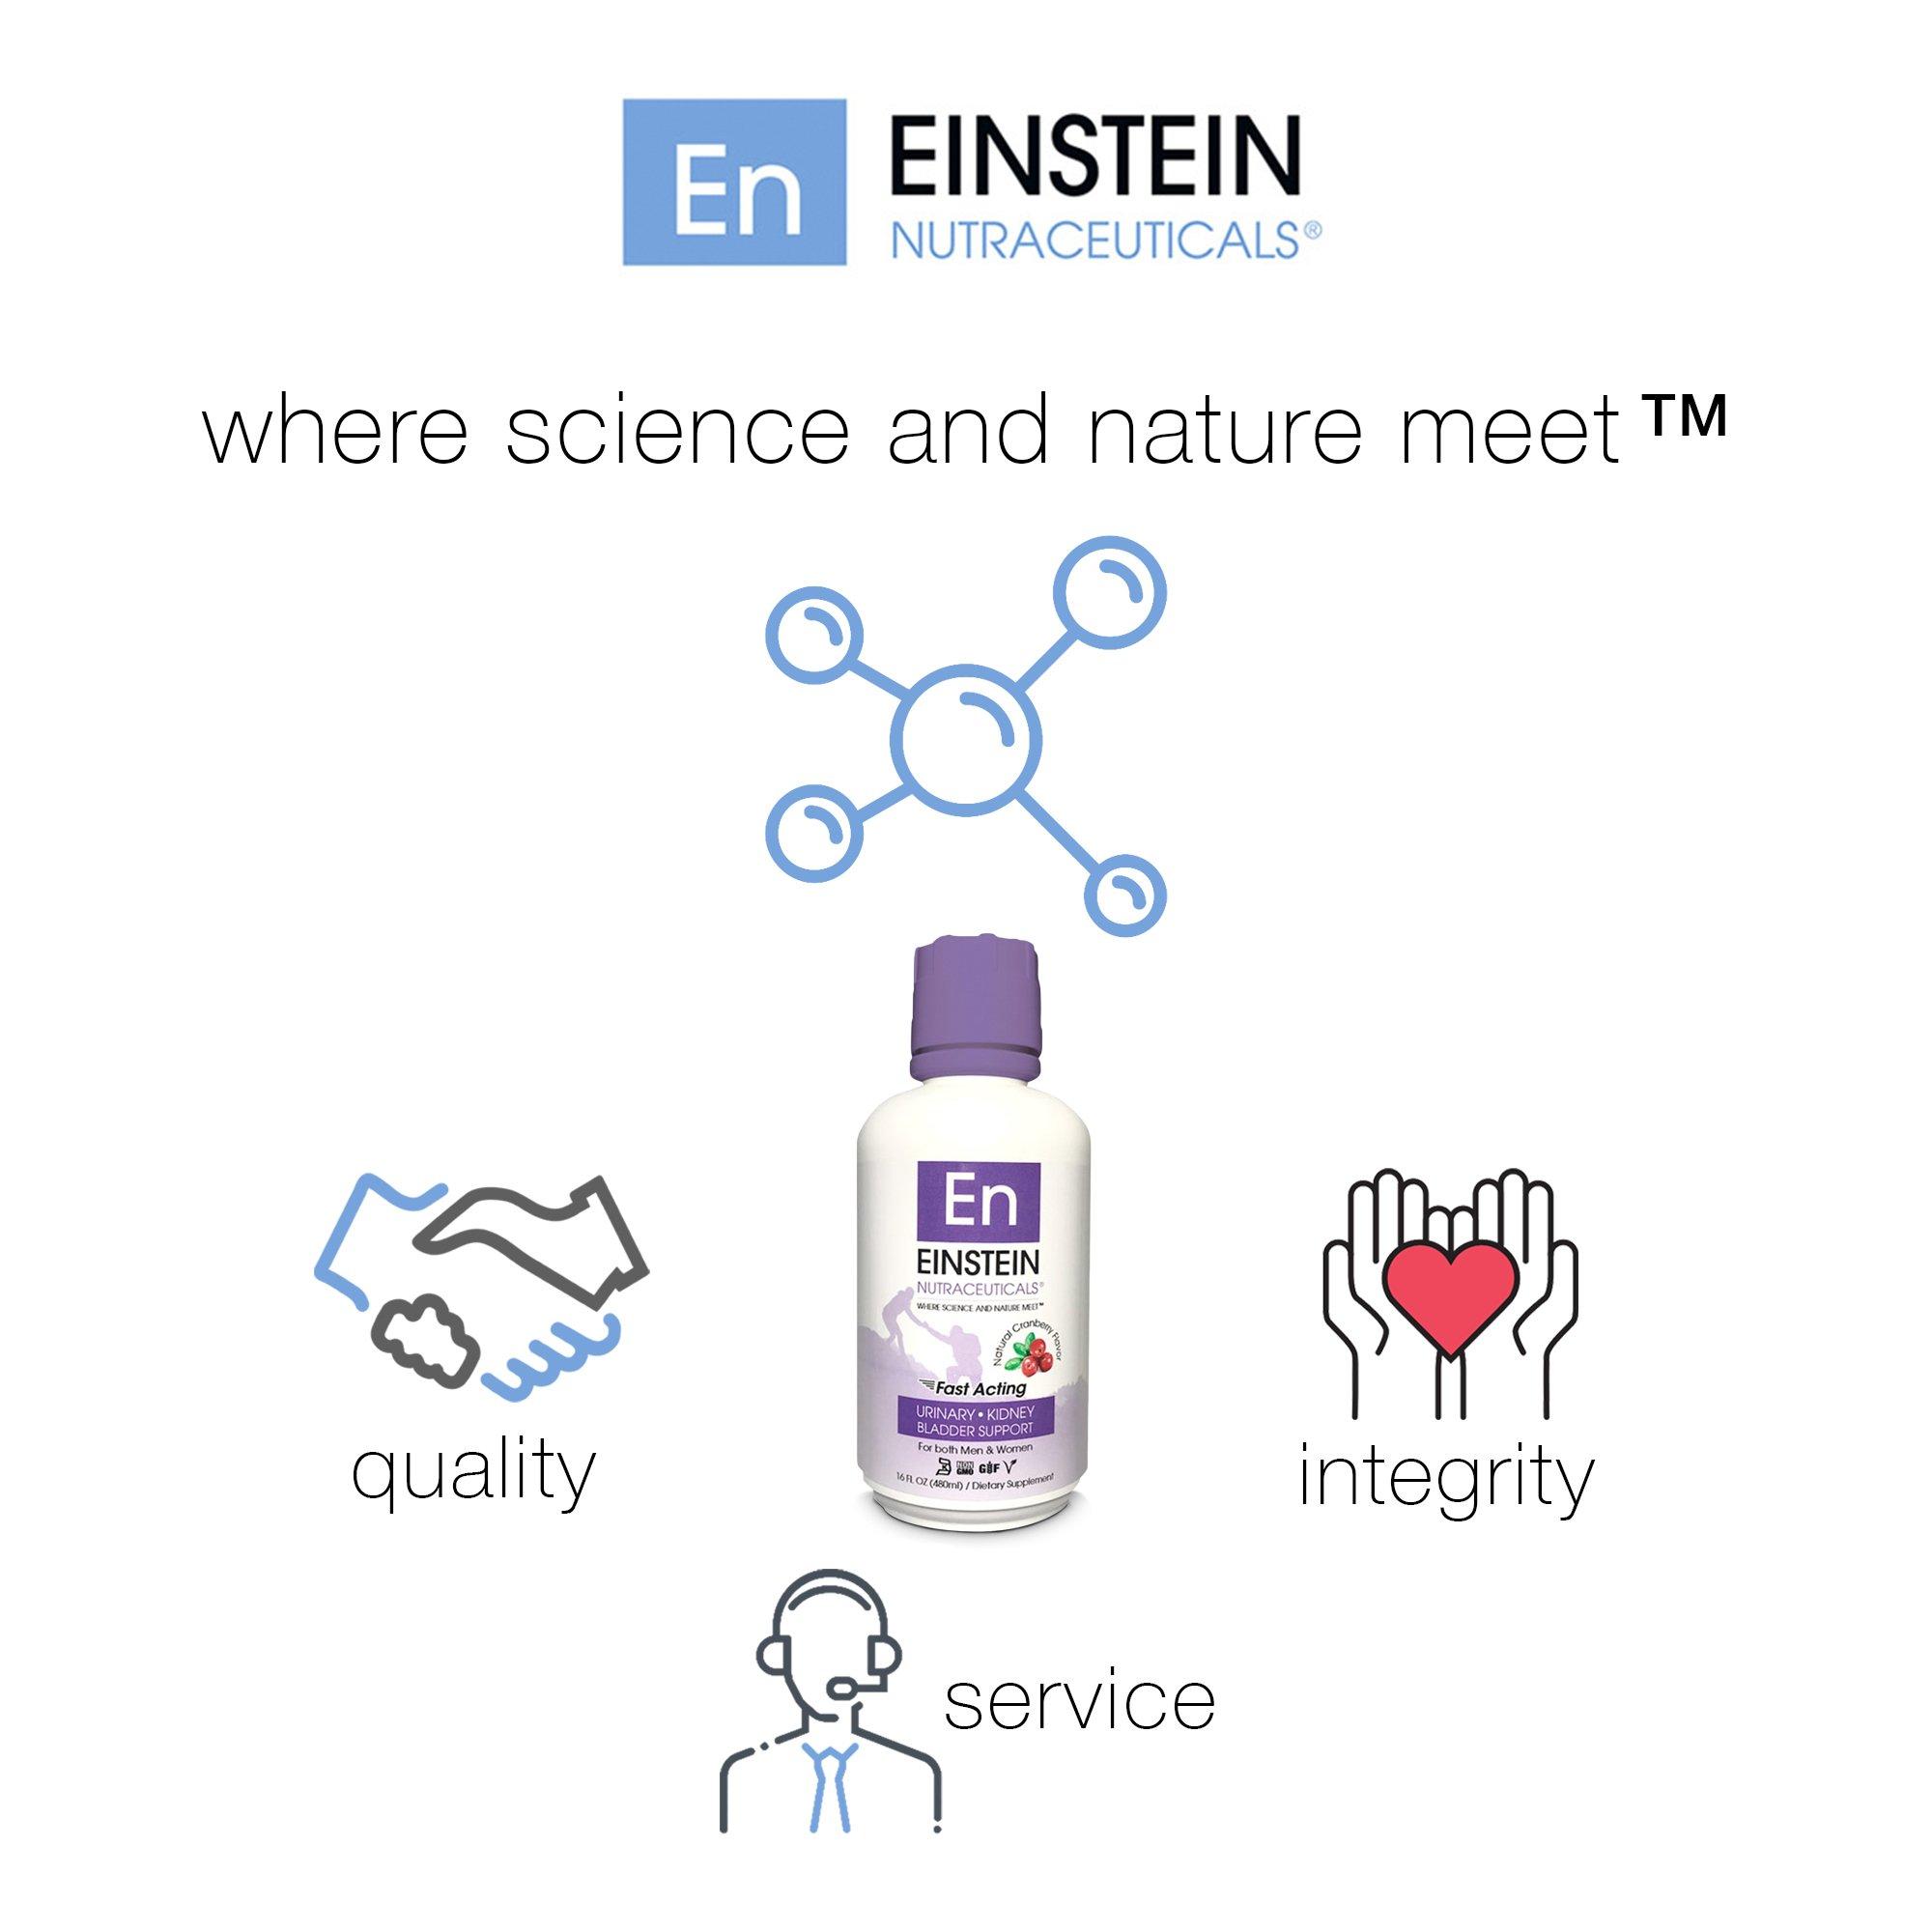 Einstein Nutraceuticals Urinary, Kidney, Bladder Support Medicine, Cranberry Flavor Liquid, 16 fl. oz. Bottle by Einstein Nutraceuticals